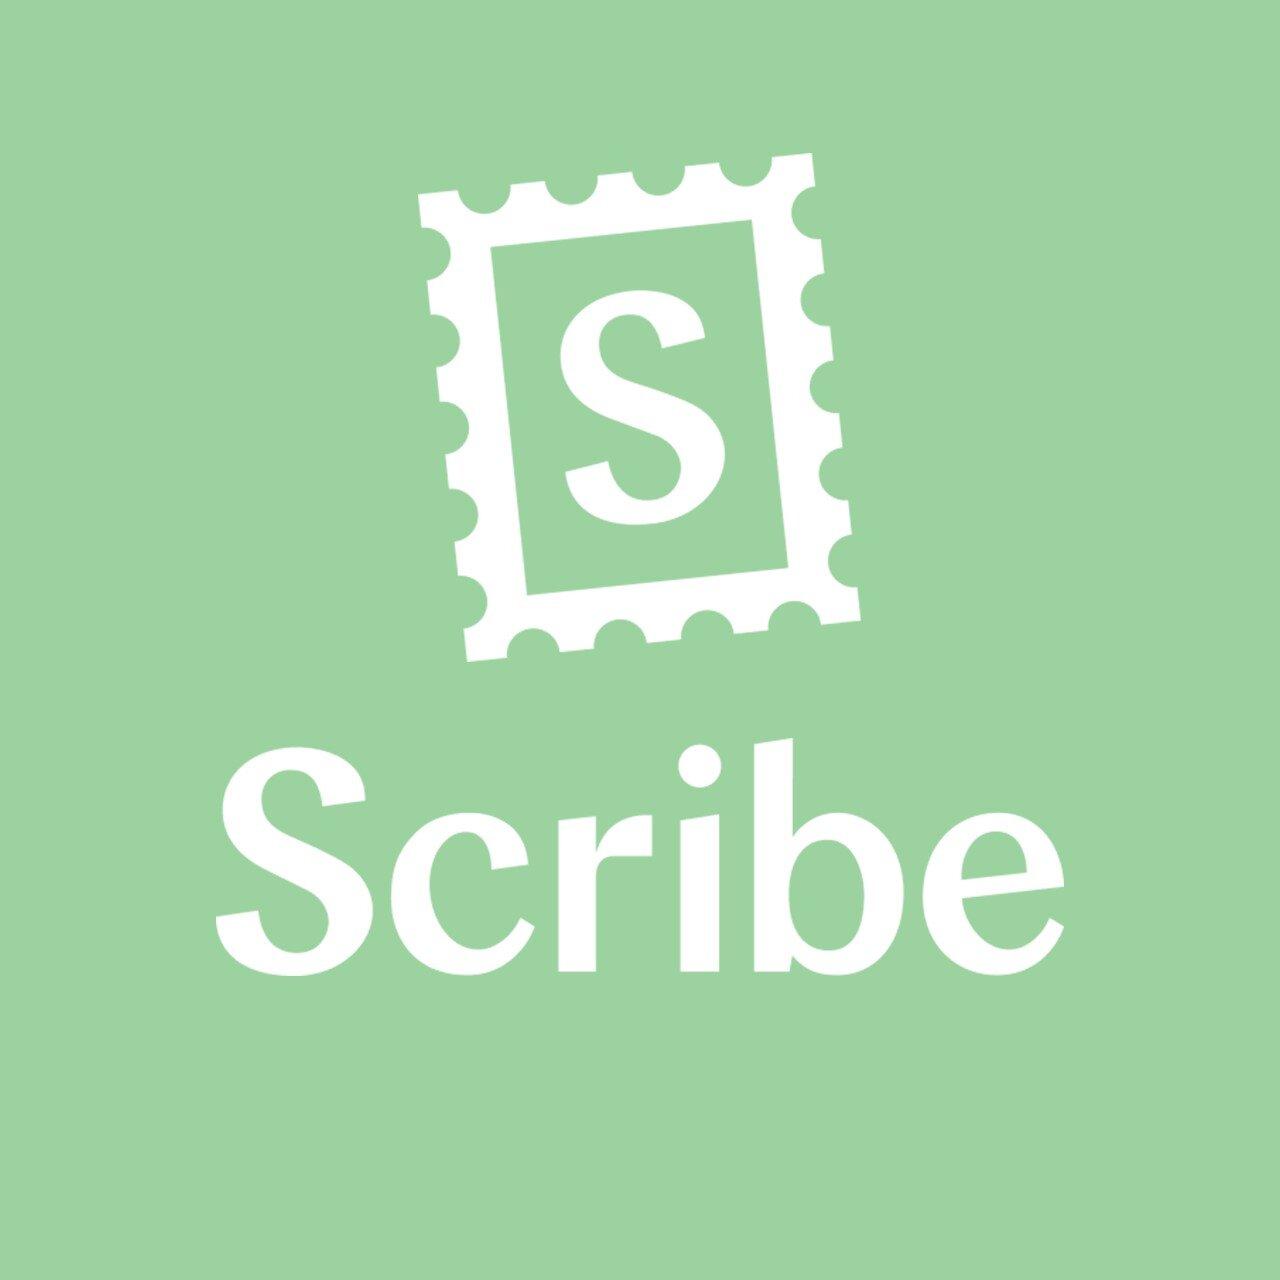 scribe greetings .jpg